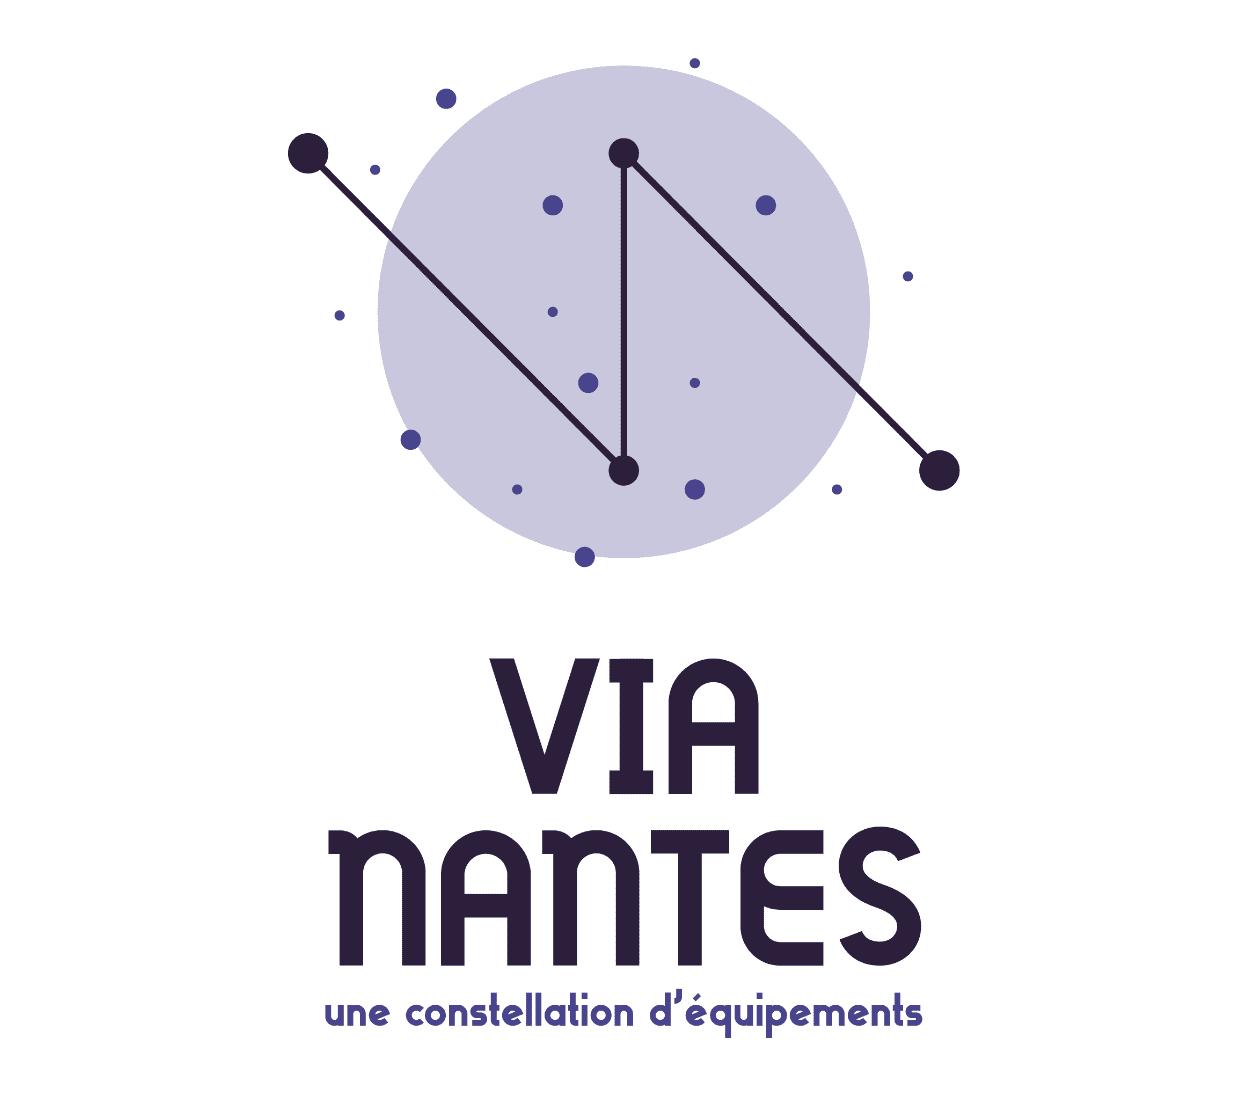 Via Nantes 4 - Arnaud Le Roux - Directeur Artistique Digital & Développeur Front-End